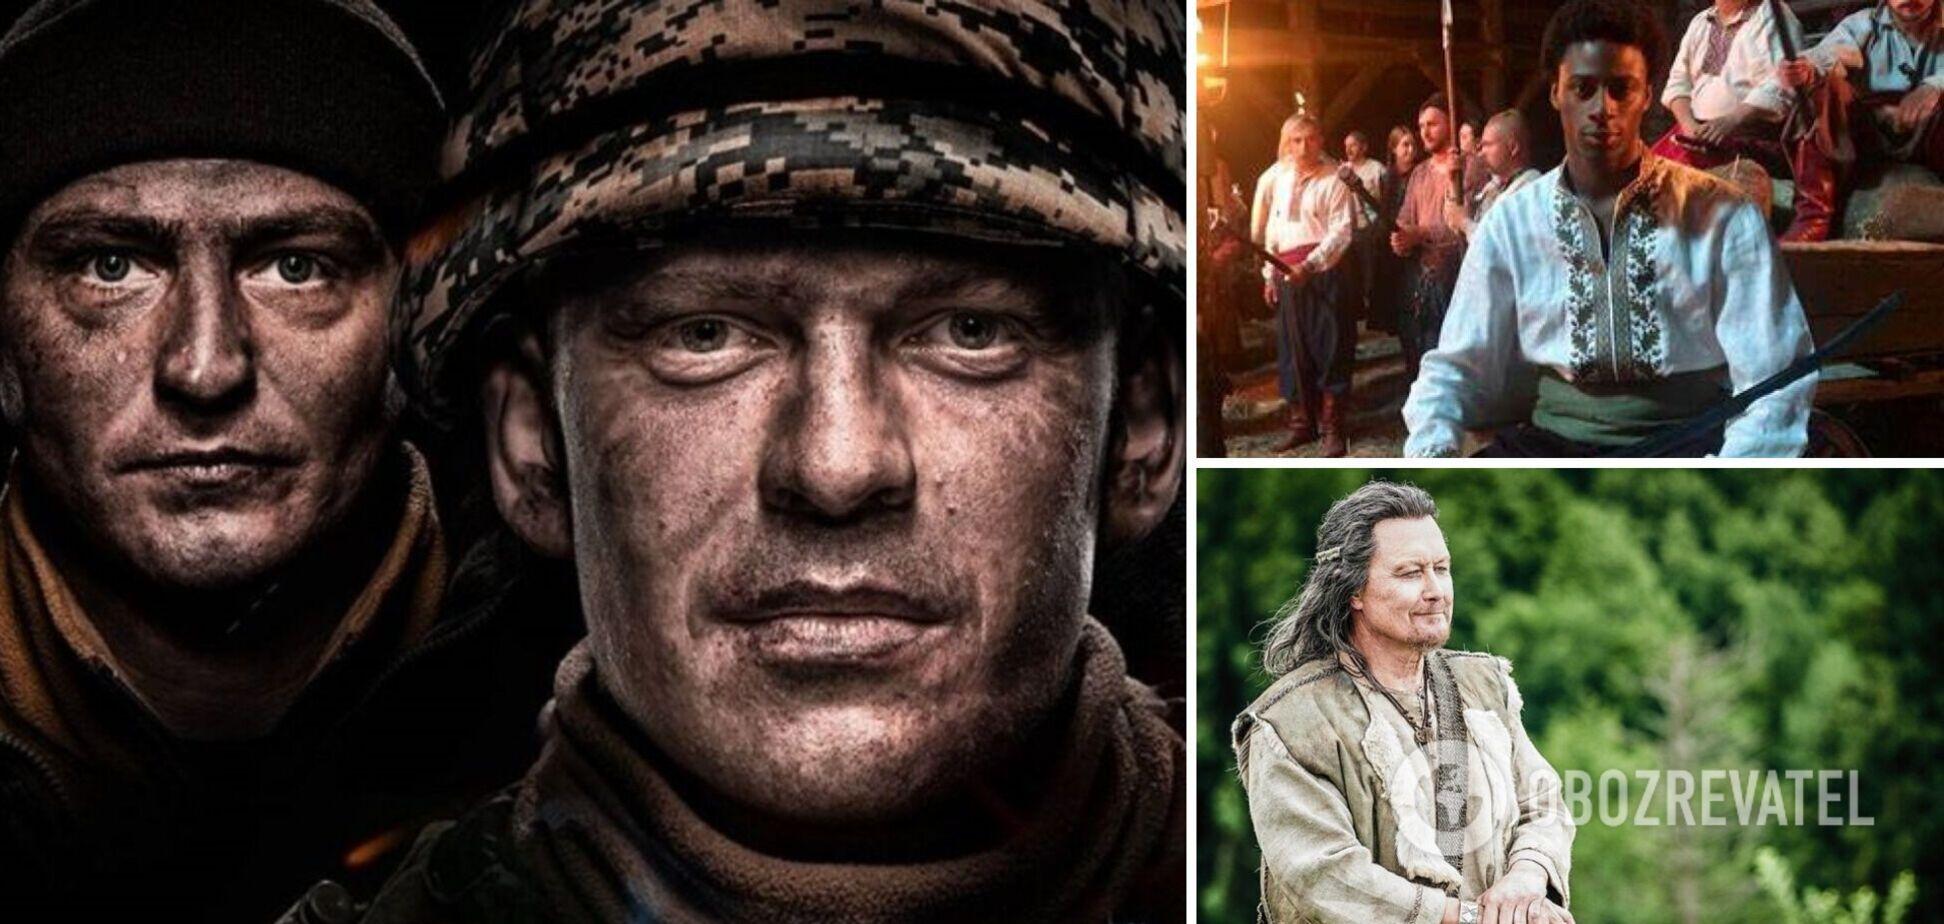 ТОП-10 ярких украинских фильмов, которые западут в душу каждому